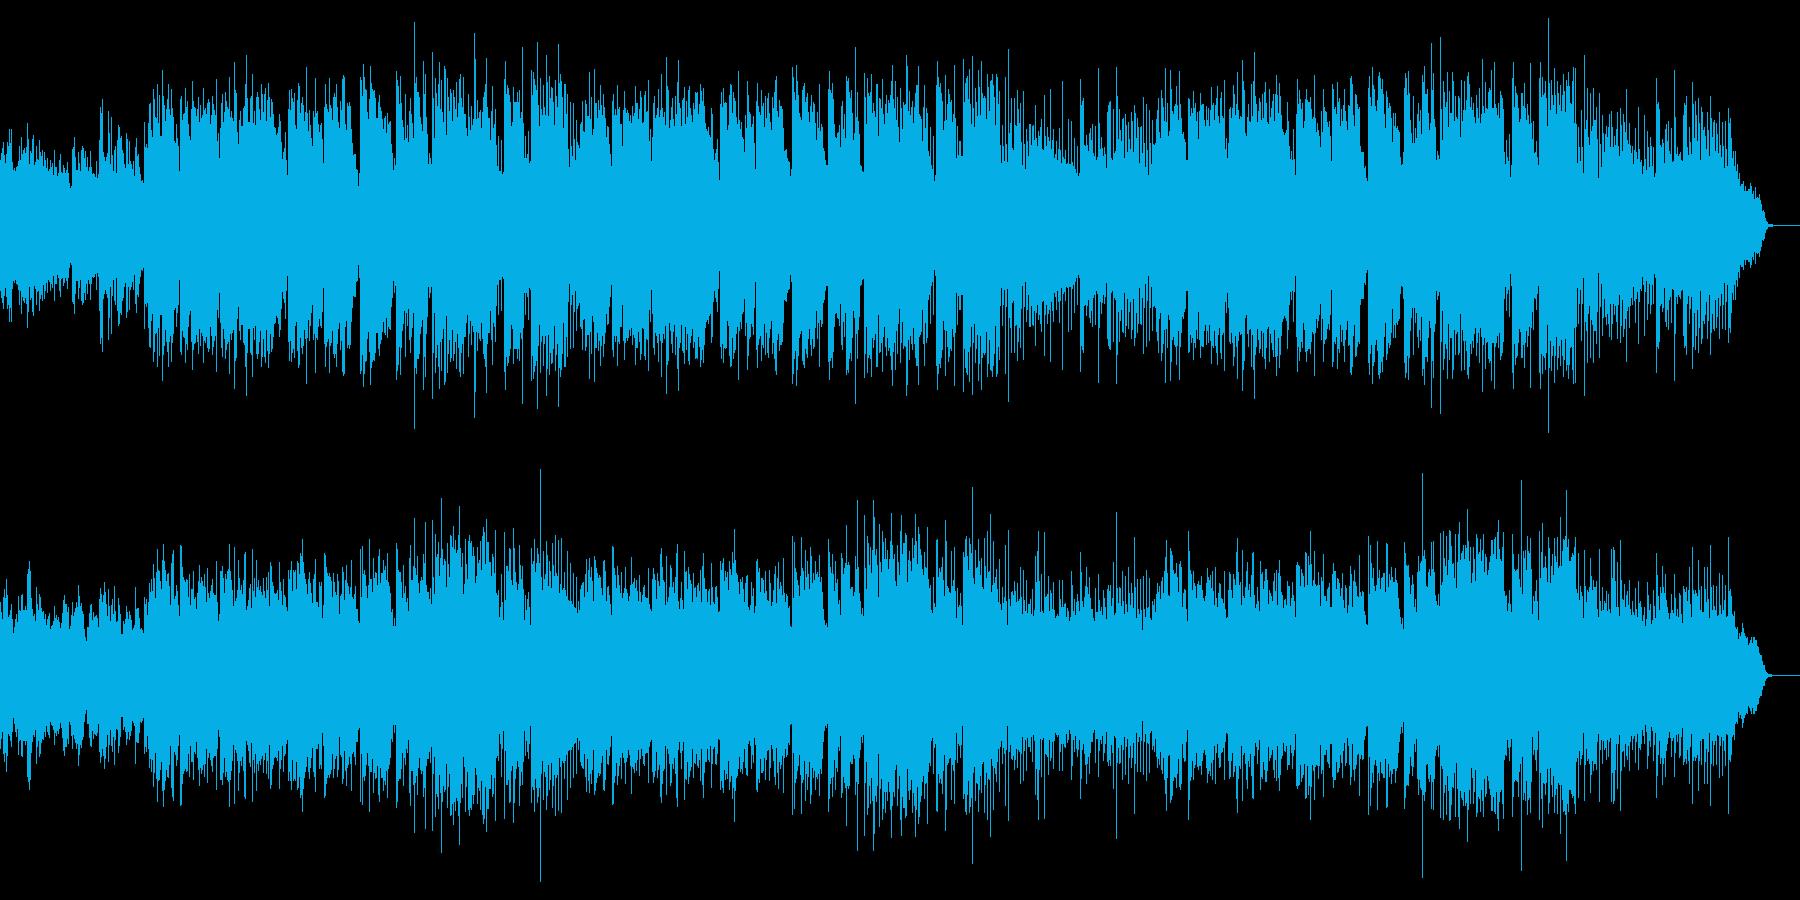 シリアスなドラマの挿入歌の様なムード歌謡の再生済みの波形